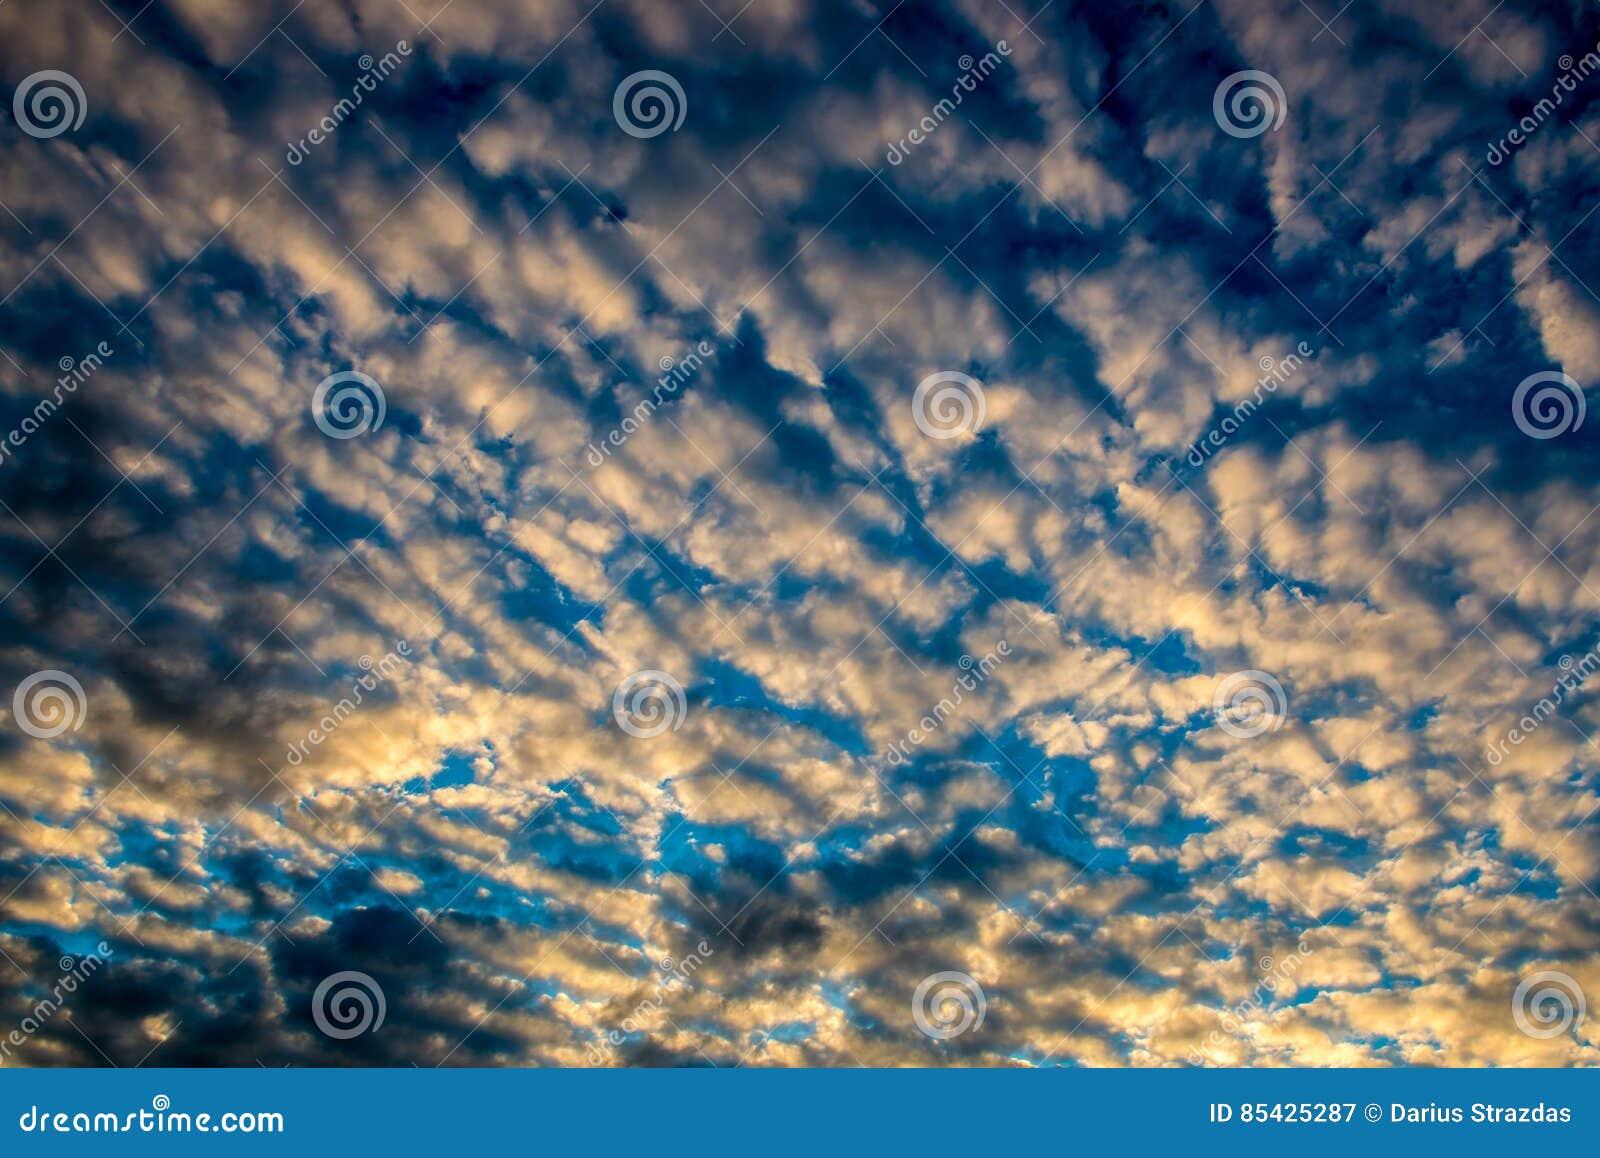 Ζωηρόχρωμος νεφελώδης ουρανός